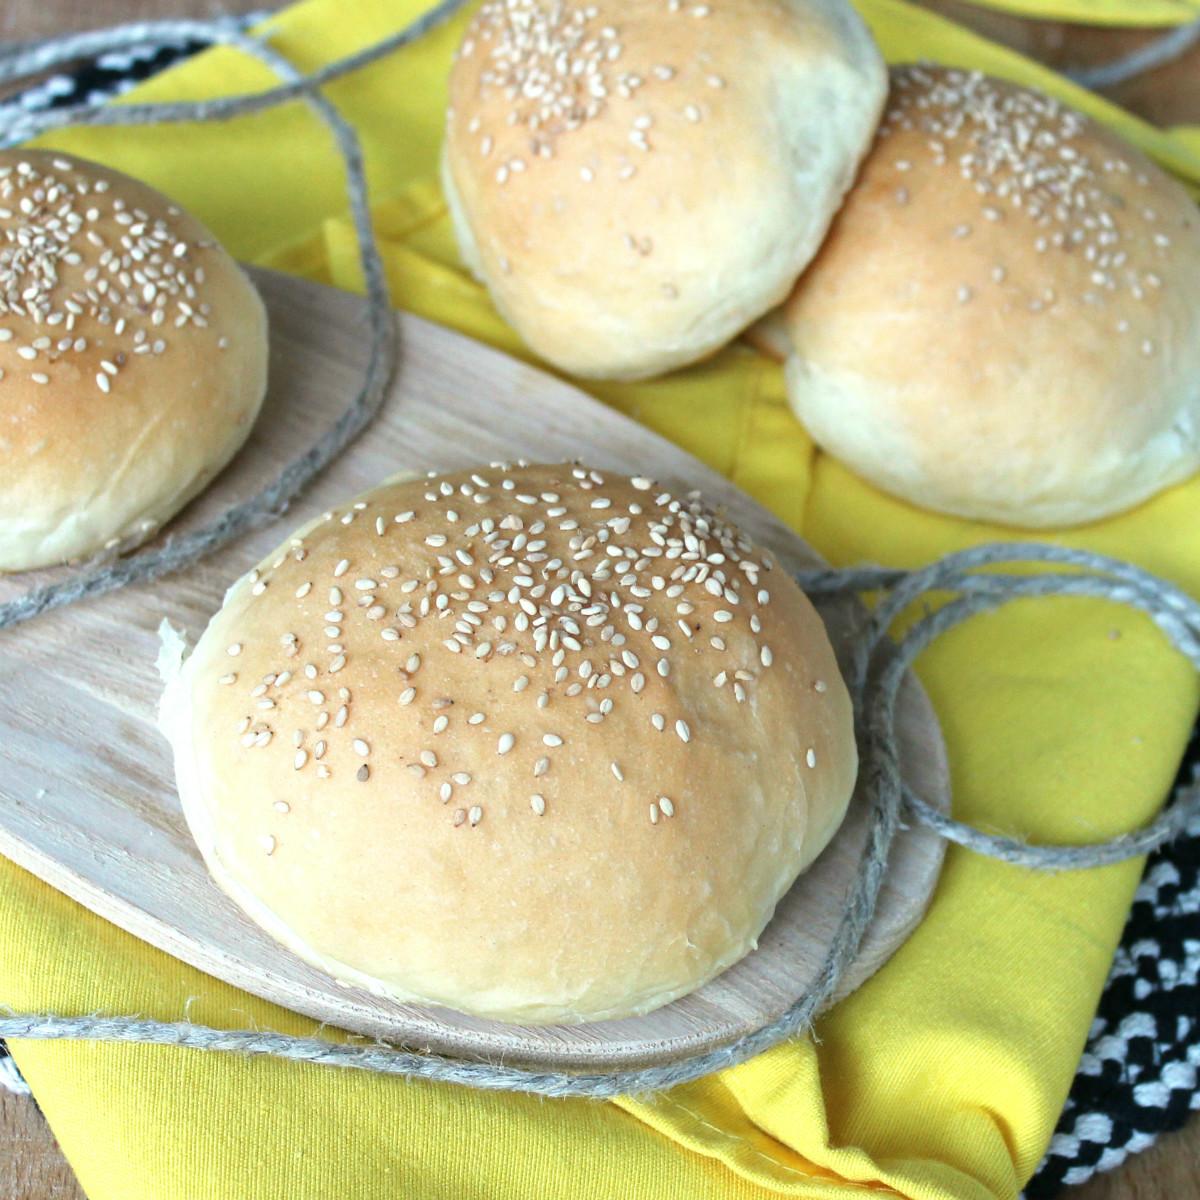 PANINI PER HAMBURGER | burger buns | ricetta pane per hamburger